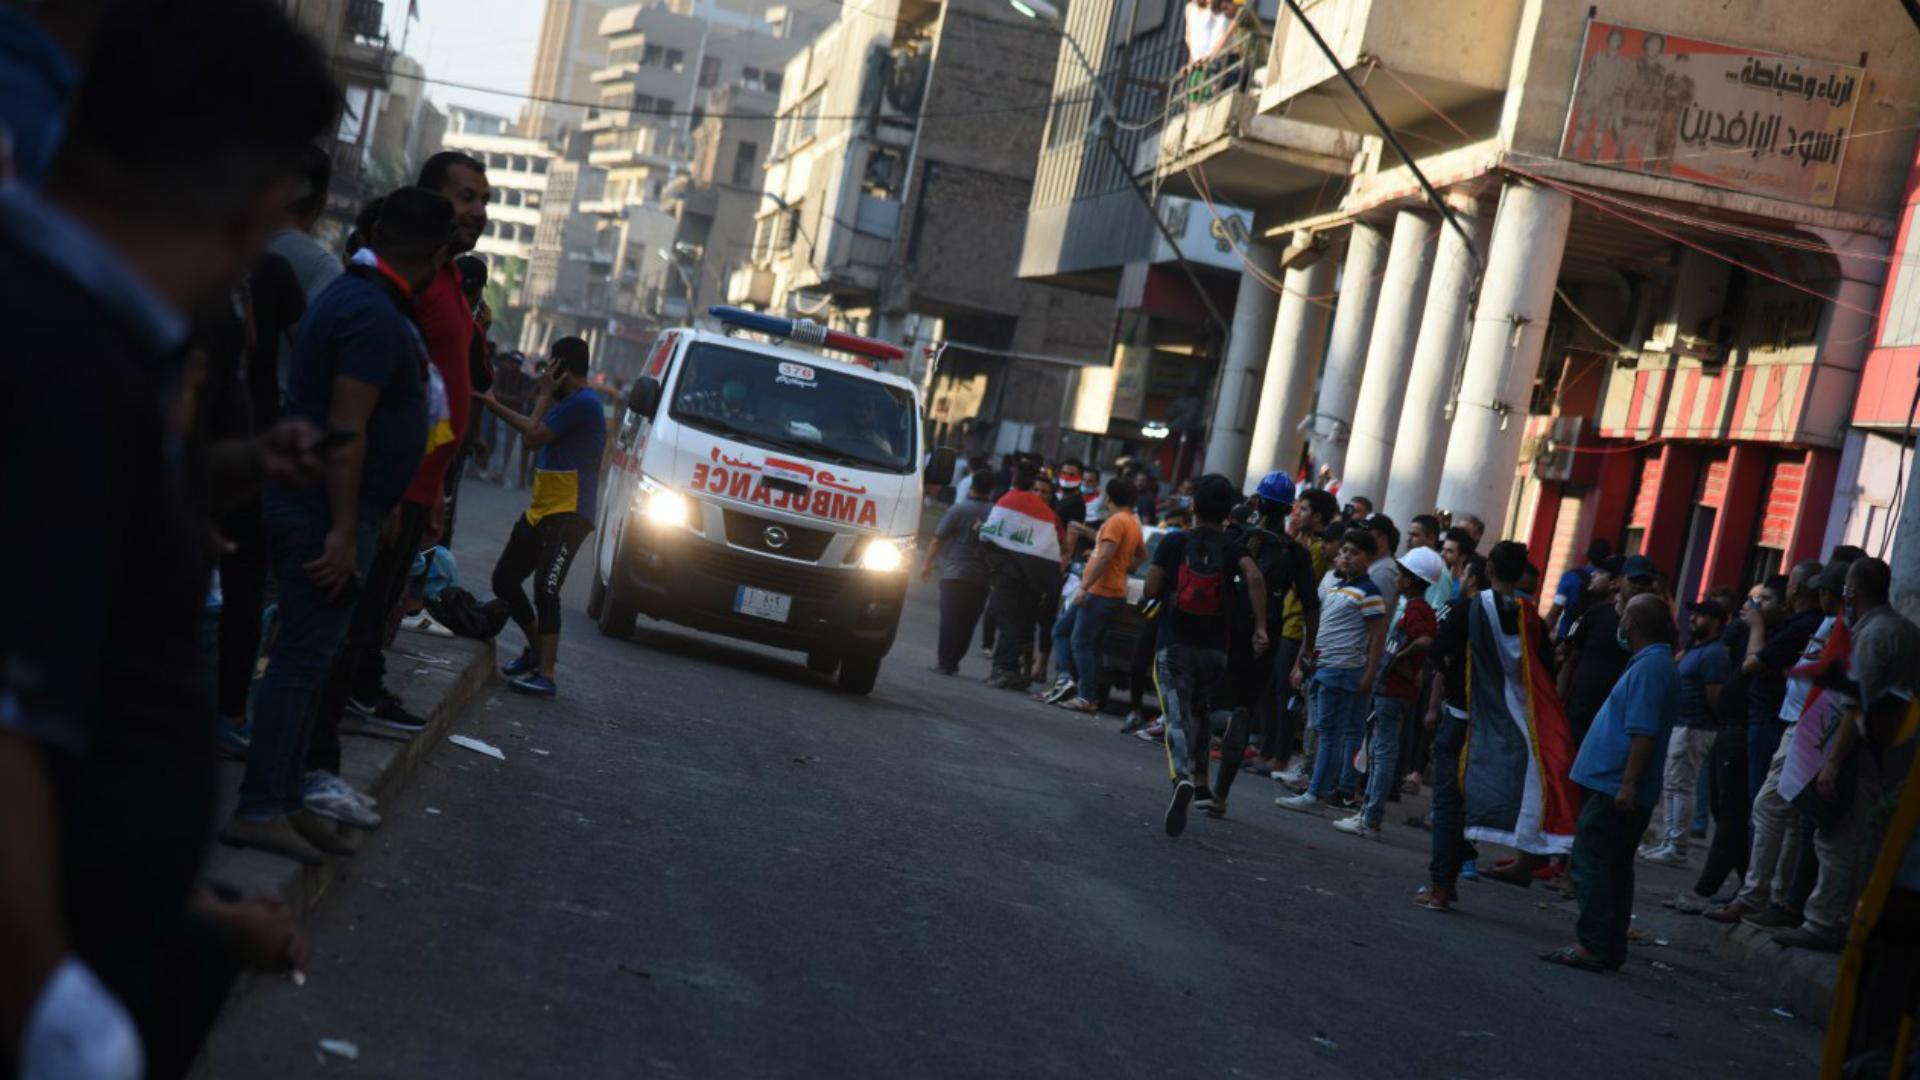 لجنة الأمن النيابية تعلن عن انتهاء التحقيقات بالمظاهرات